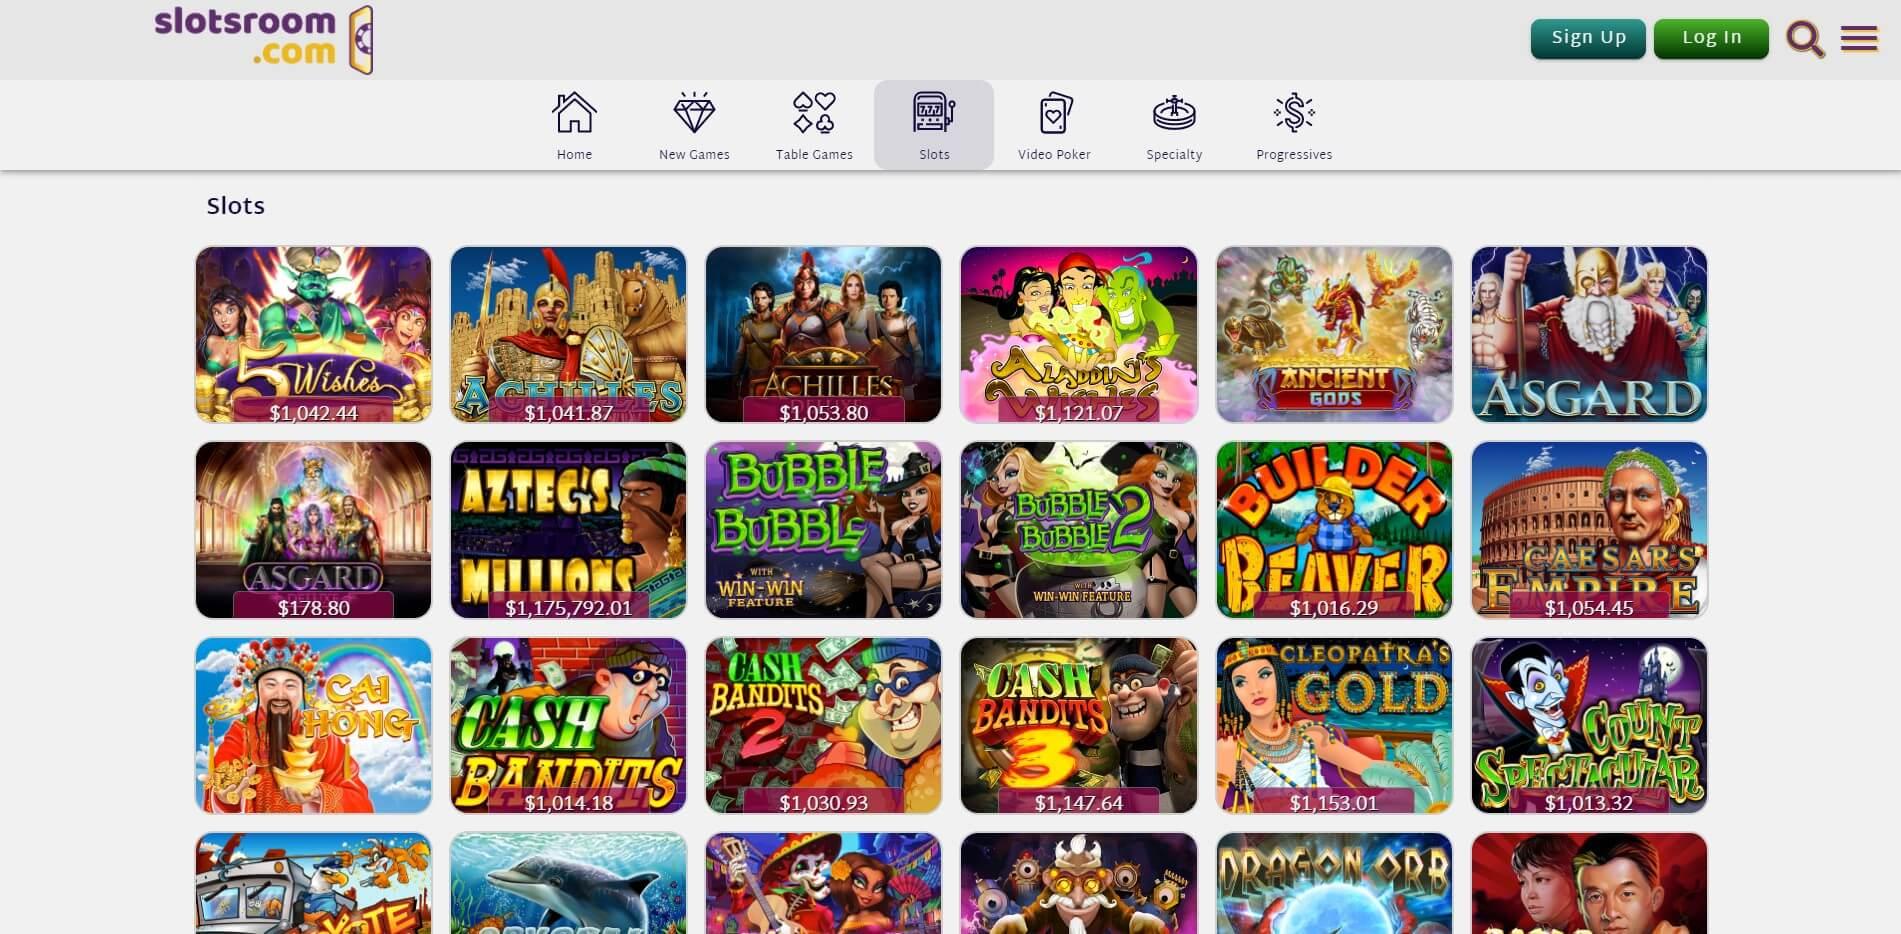 Games at SlotsRoom Casino